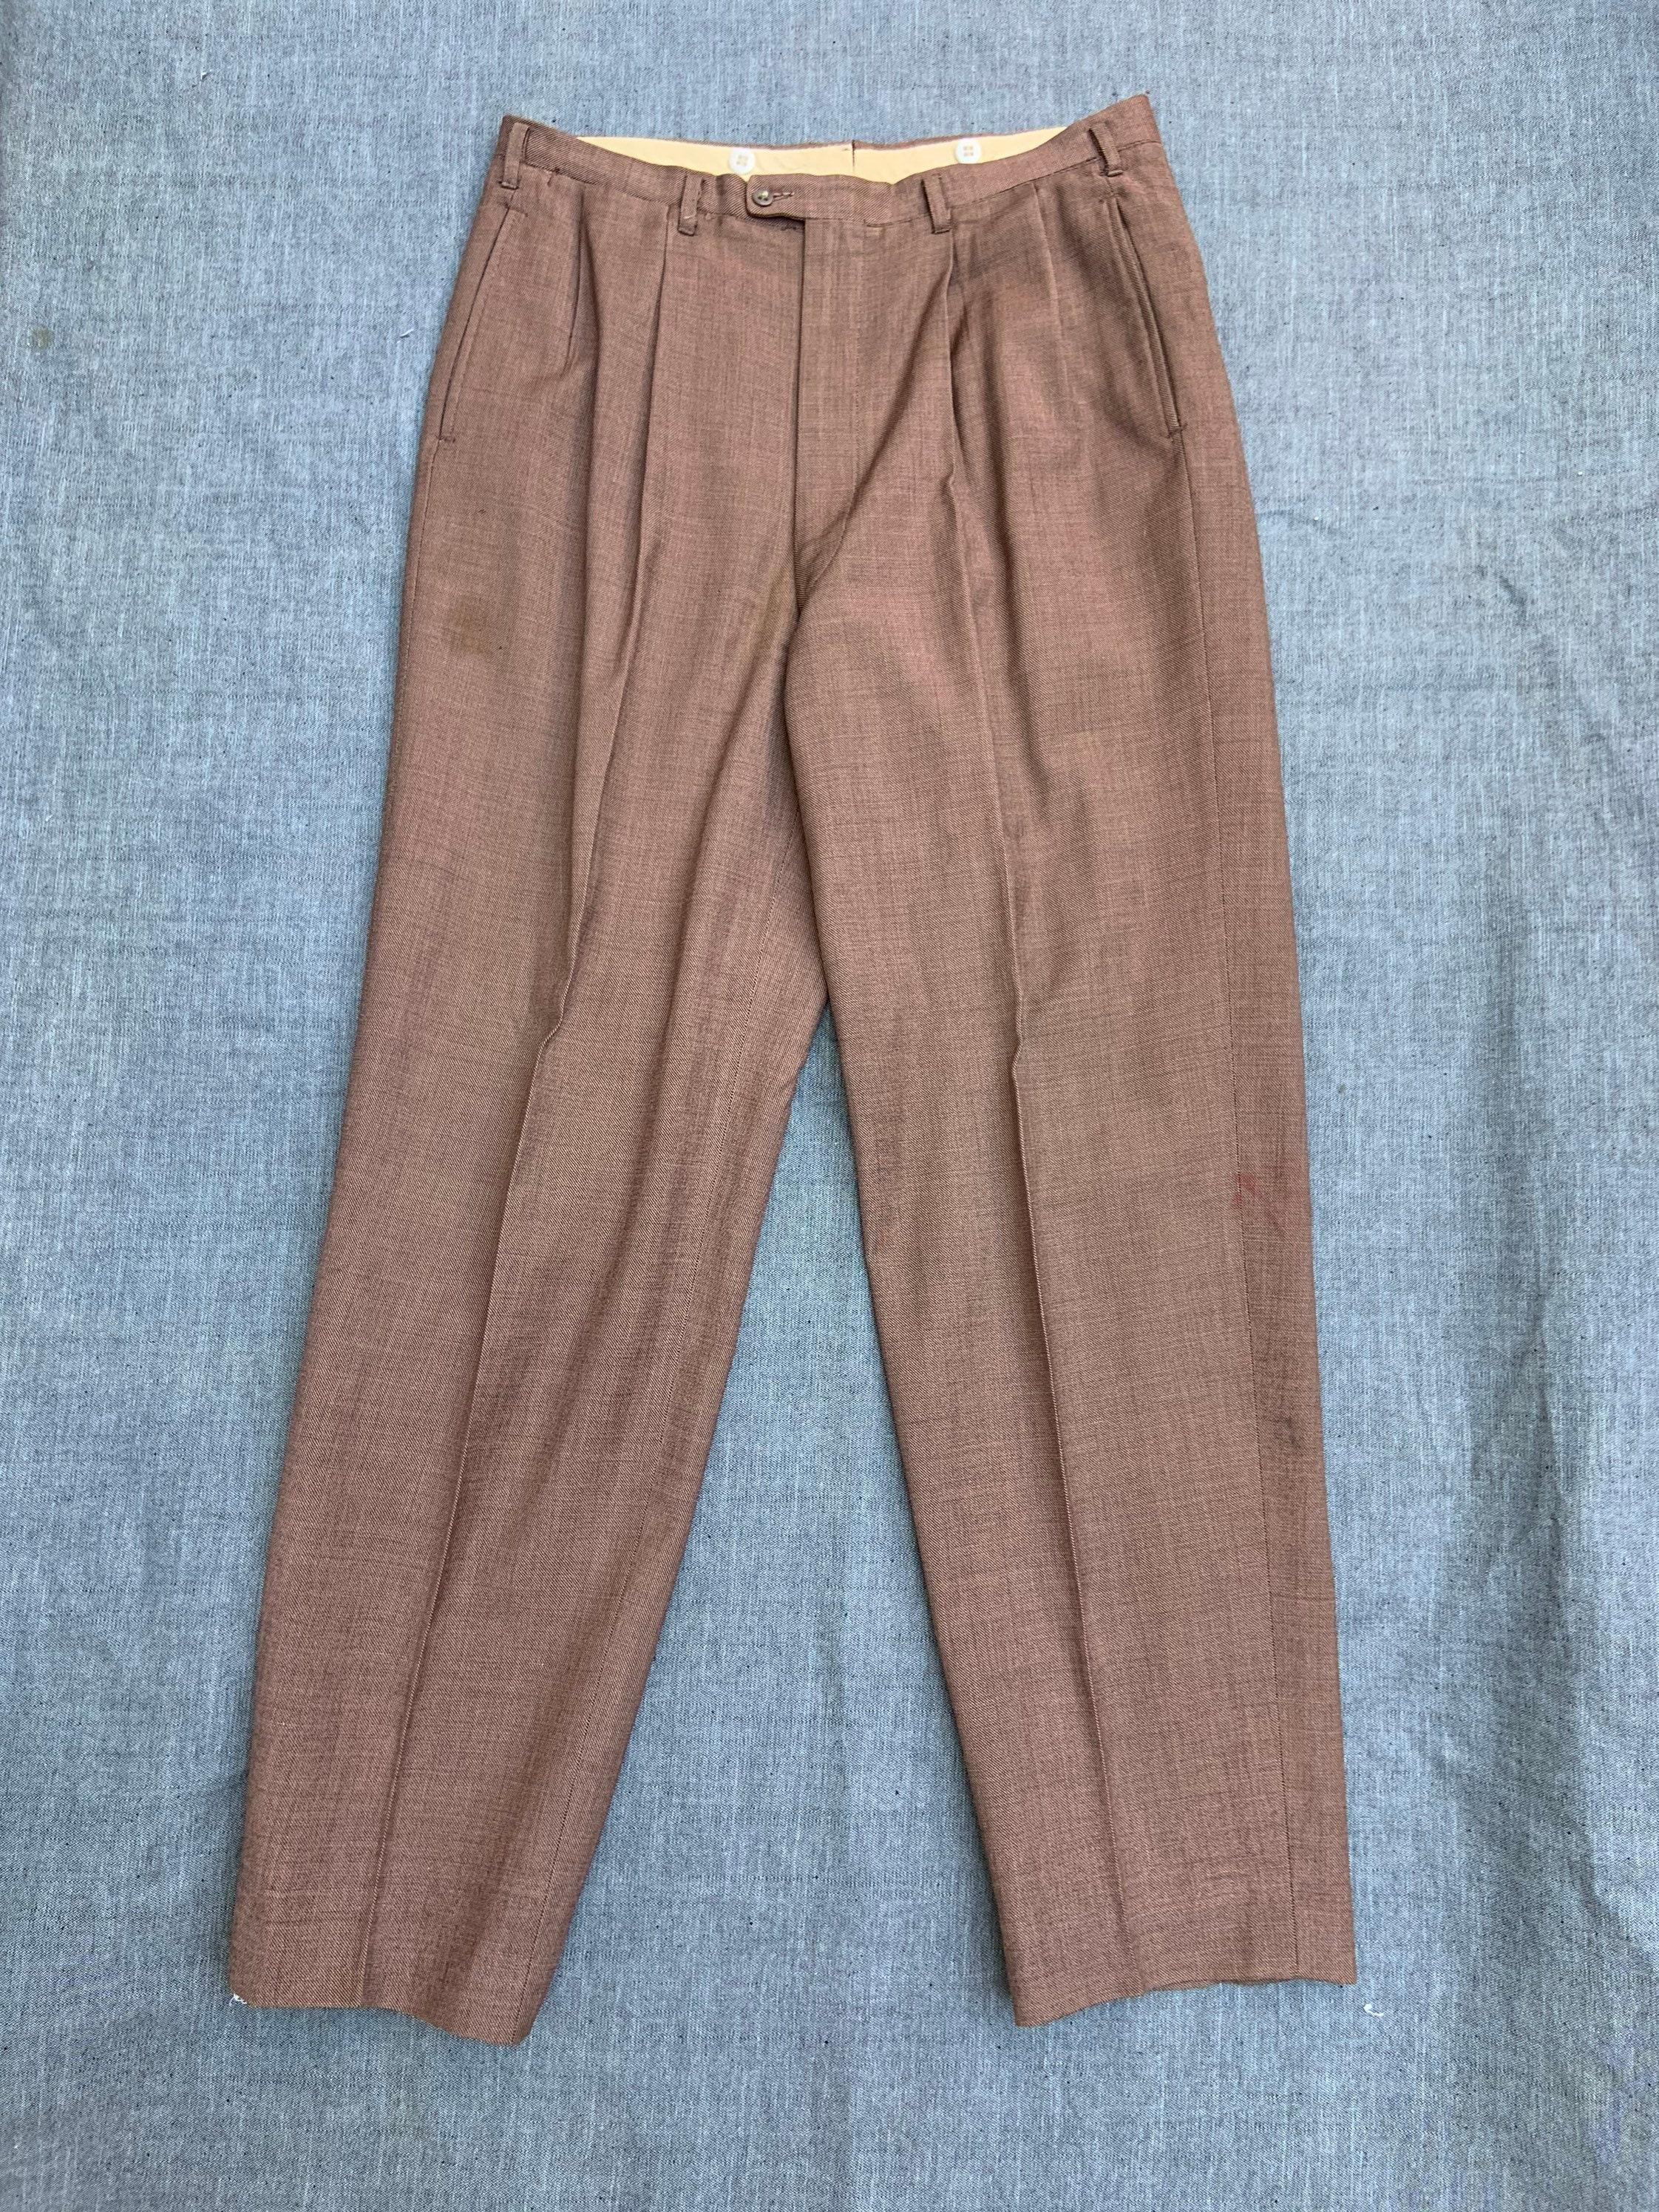 1940s Mens Ties | Wide Ties & Painted Ties 1940S Brown Linen Trousers $20.00 AT vintagedancer.com